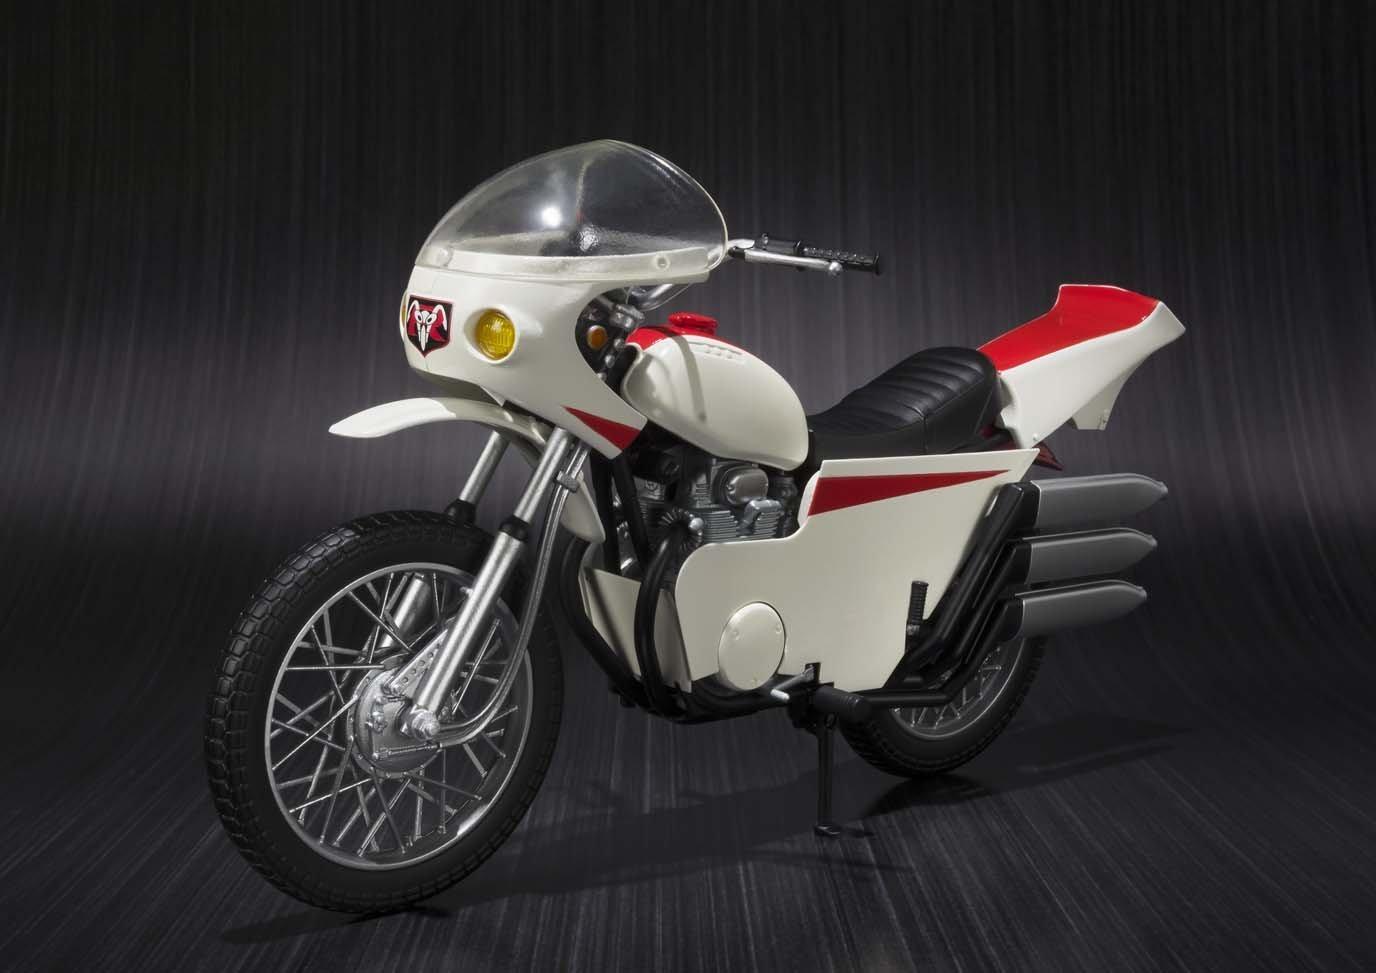 S.H.Figuartsのバイク高スギィ!→1/12スケールモデルで代用すべし!